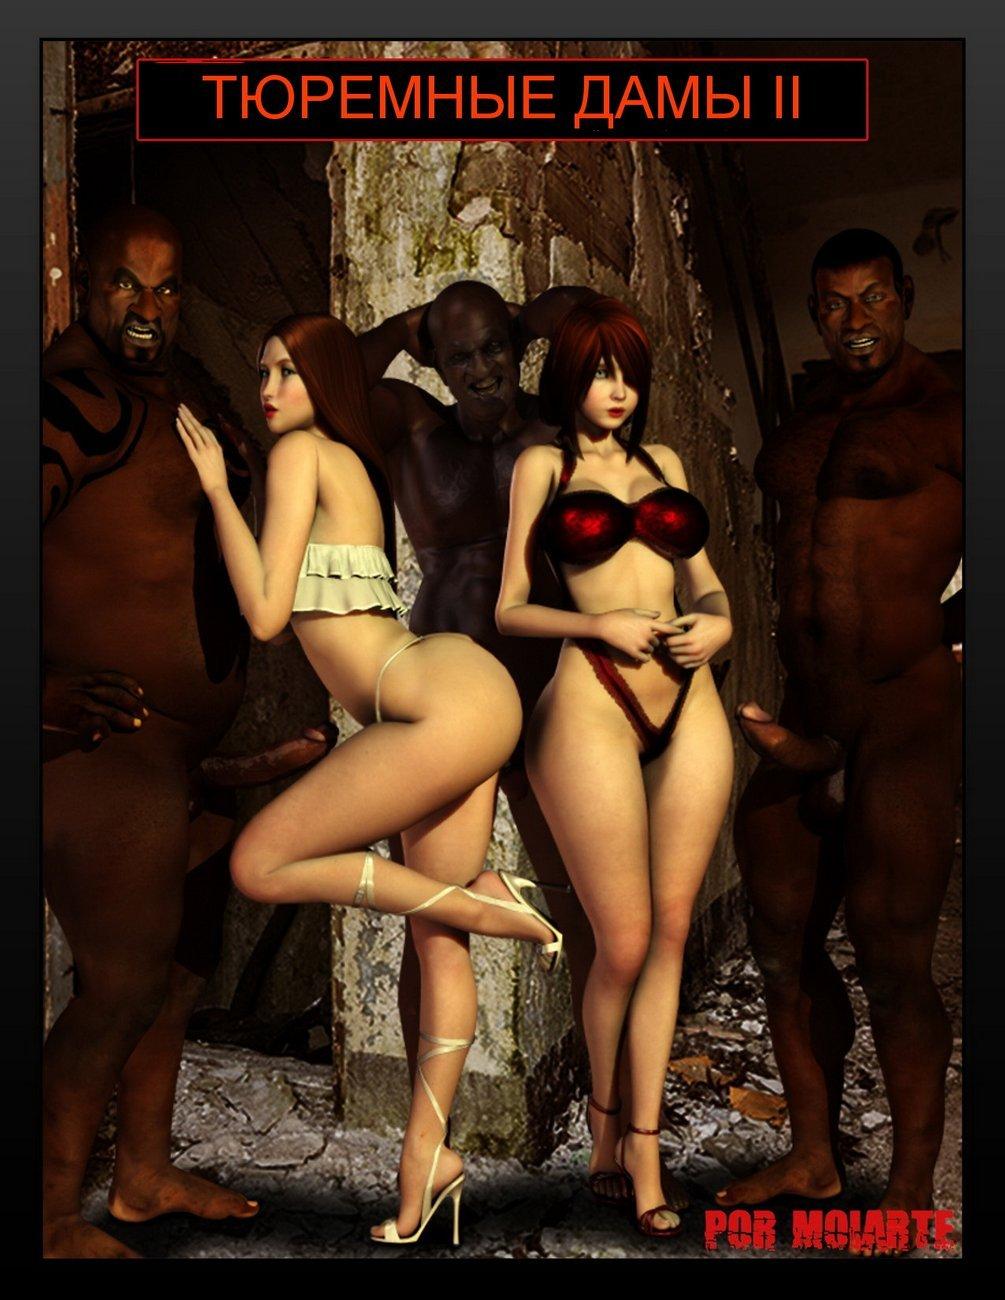 Тюремные оргии порно онлайн на русском языке 8 фотография